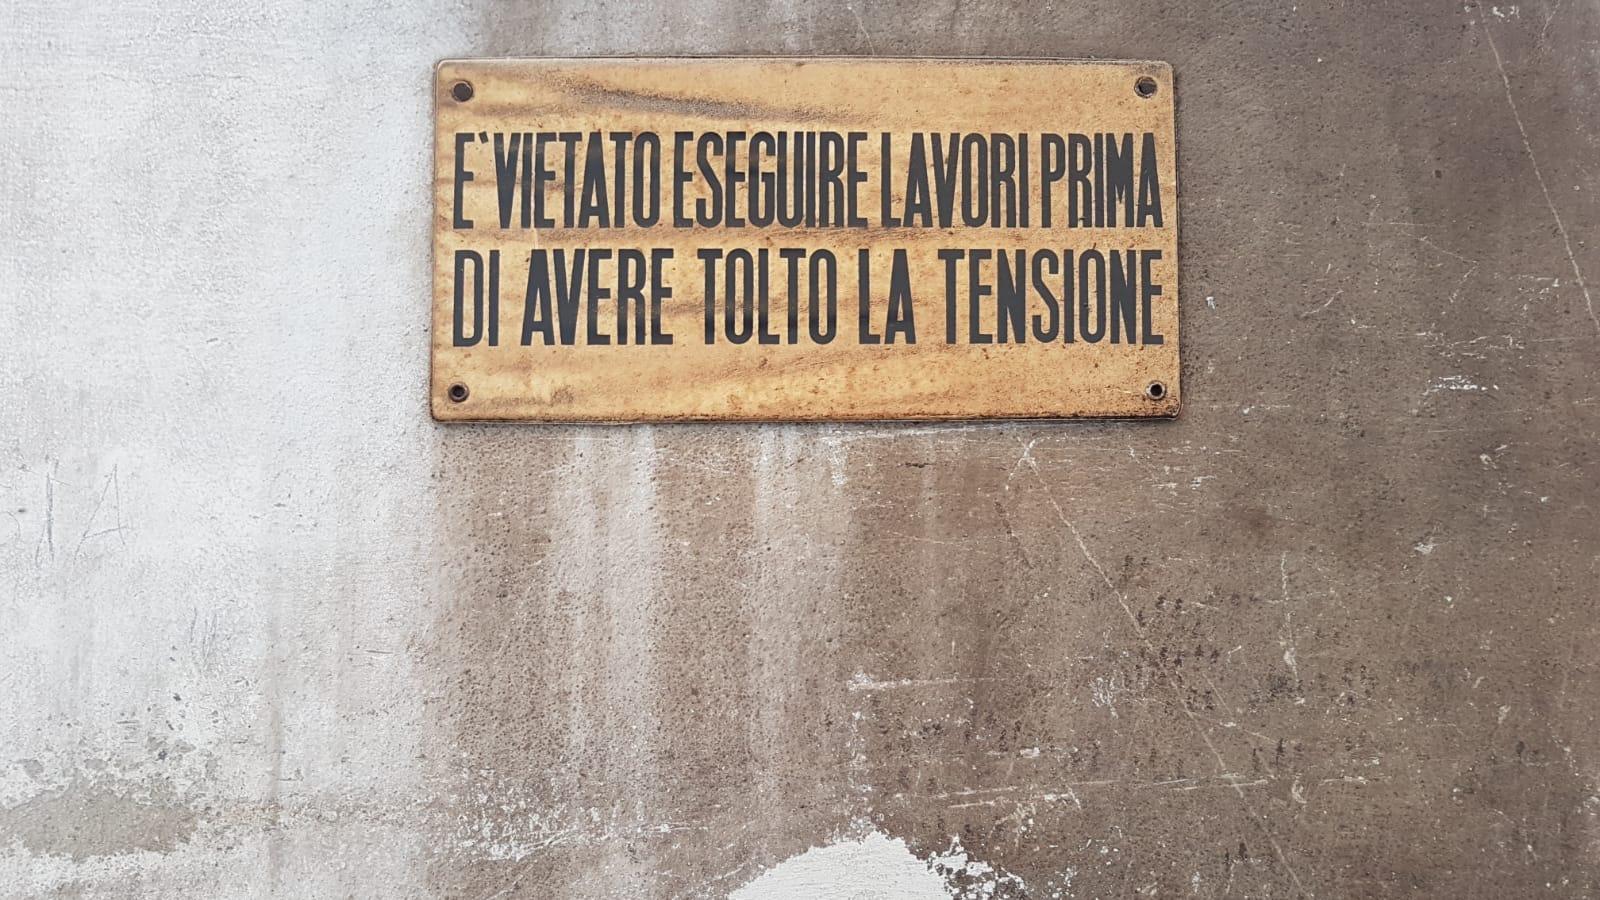 Giovanni Termini, Vietato eseguire lavori prima di avere tolto la tensione, Galleria Vannucci Arte Contemporanea.